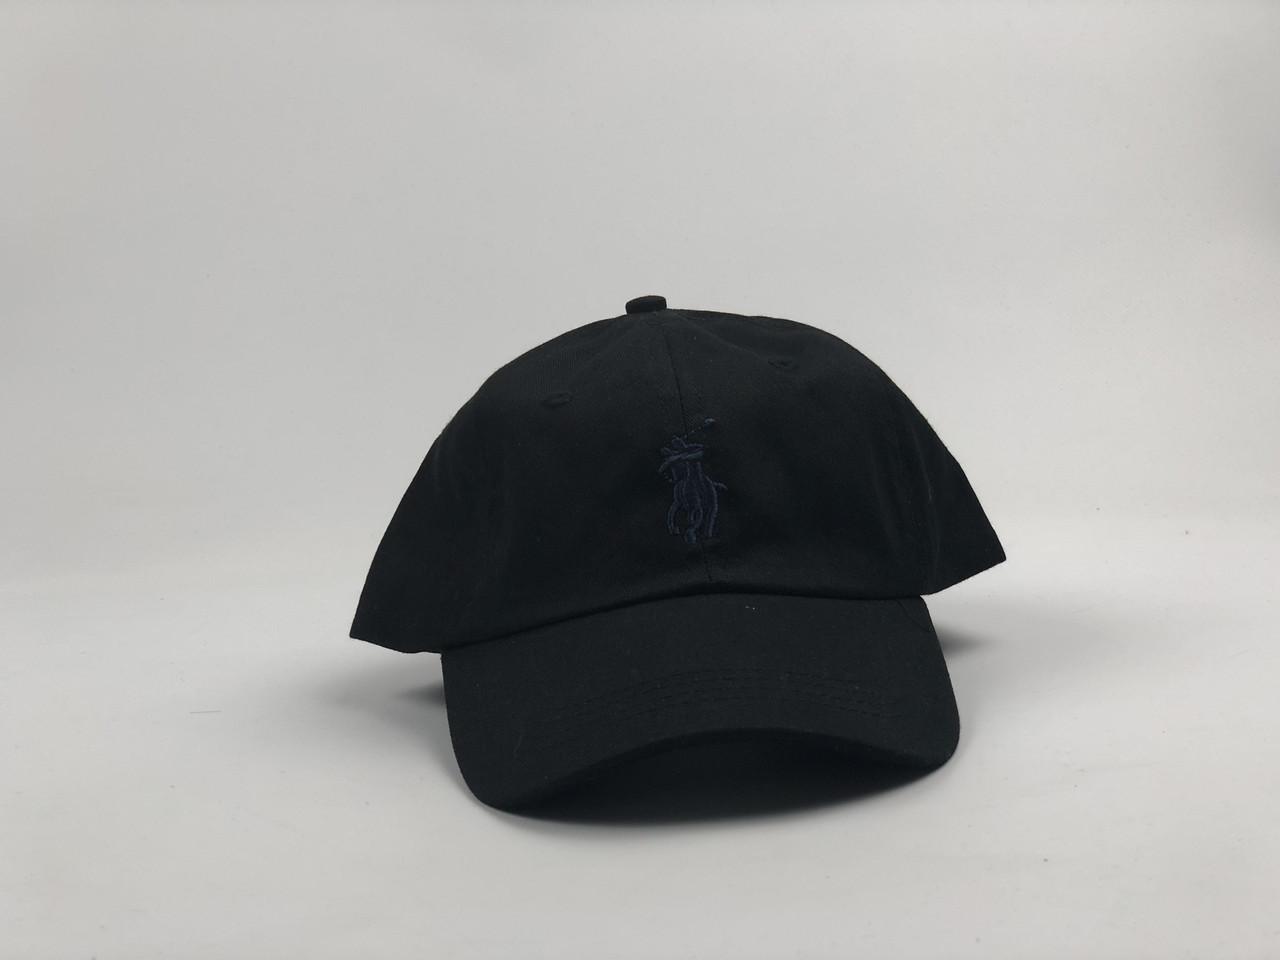 Кепка бейсболка Polo Ralph Lauren (черная с темно-синим лого) с кожаным ремешком